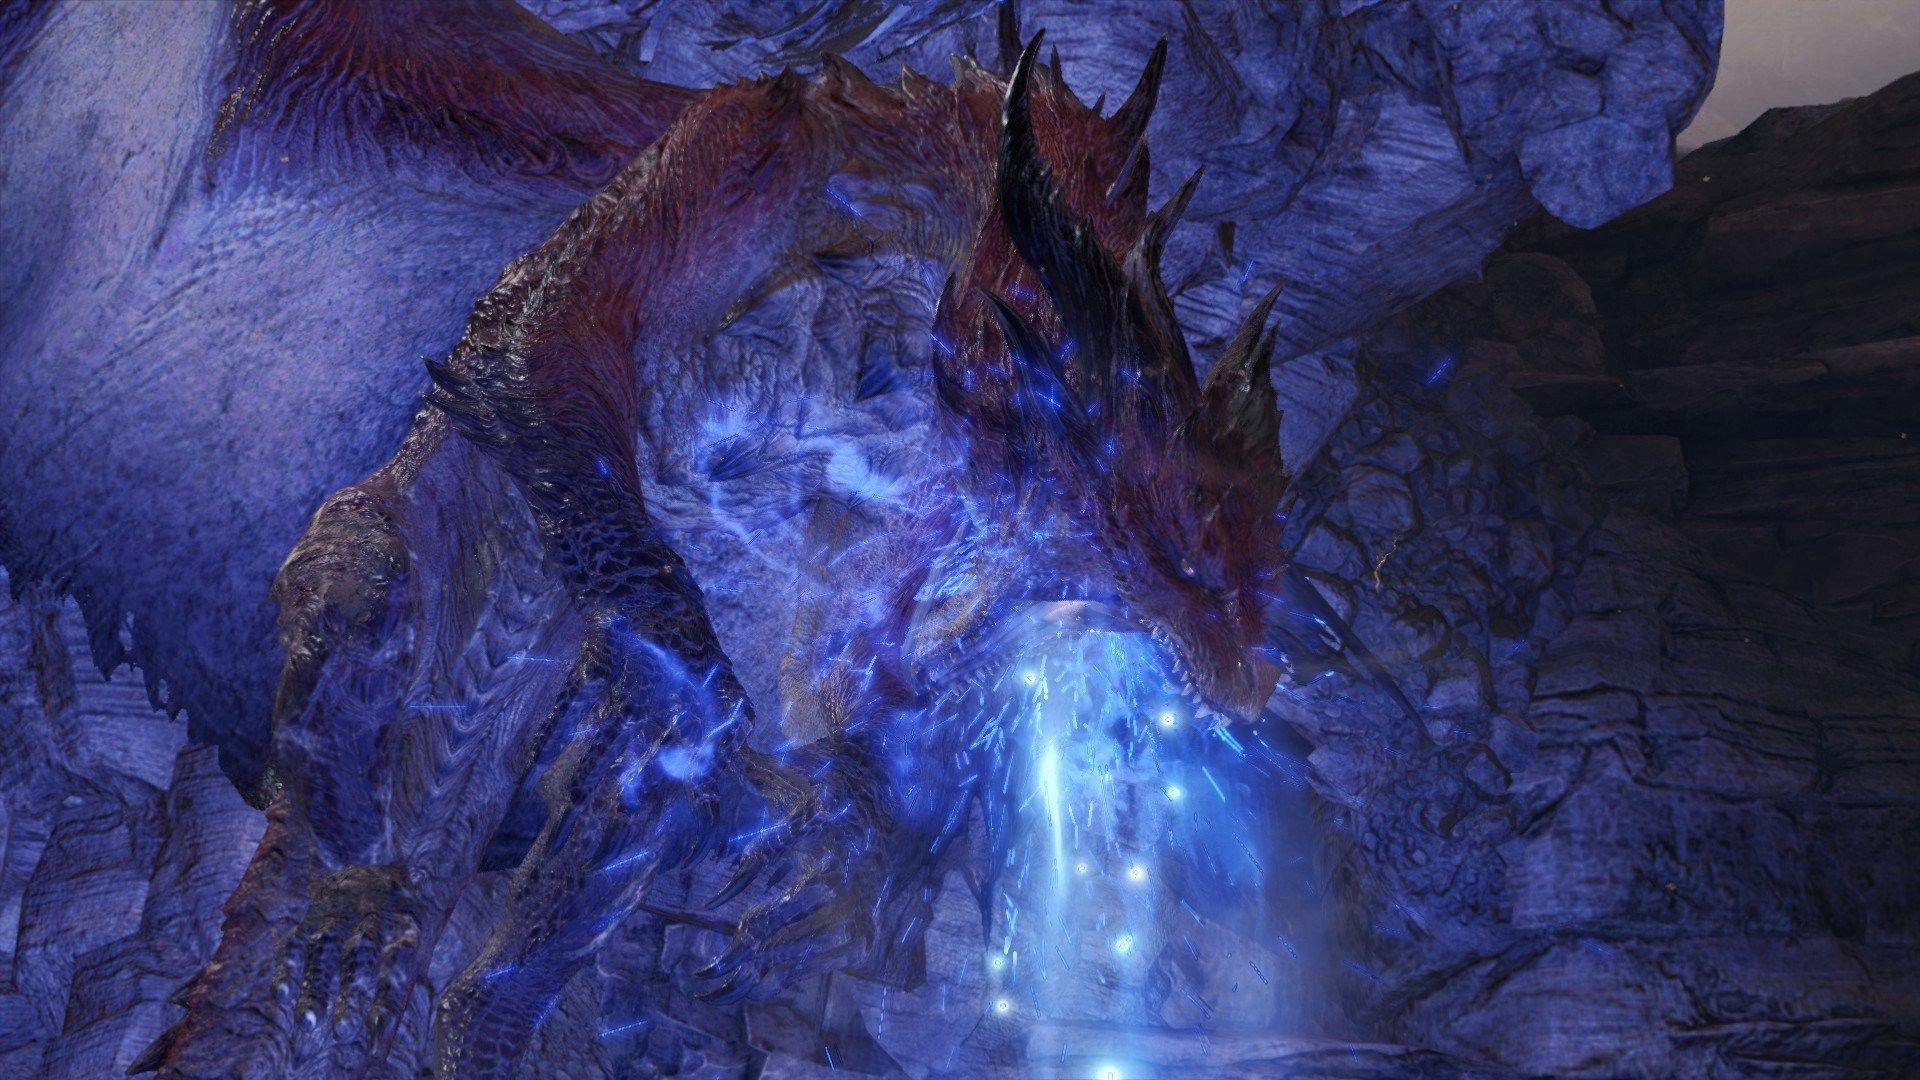 《怪物猎人:世界》Steam更新公告:狱狼龙、冥赤龙3月12日登场